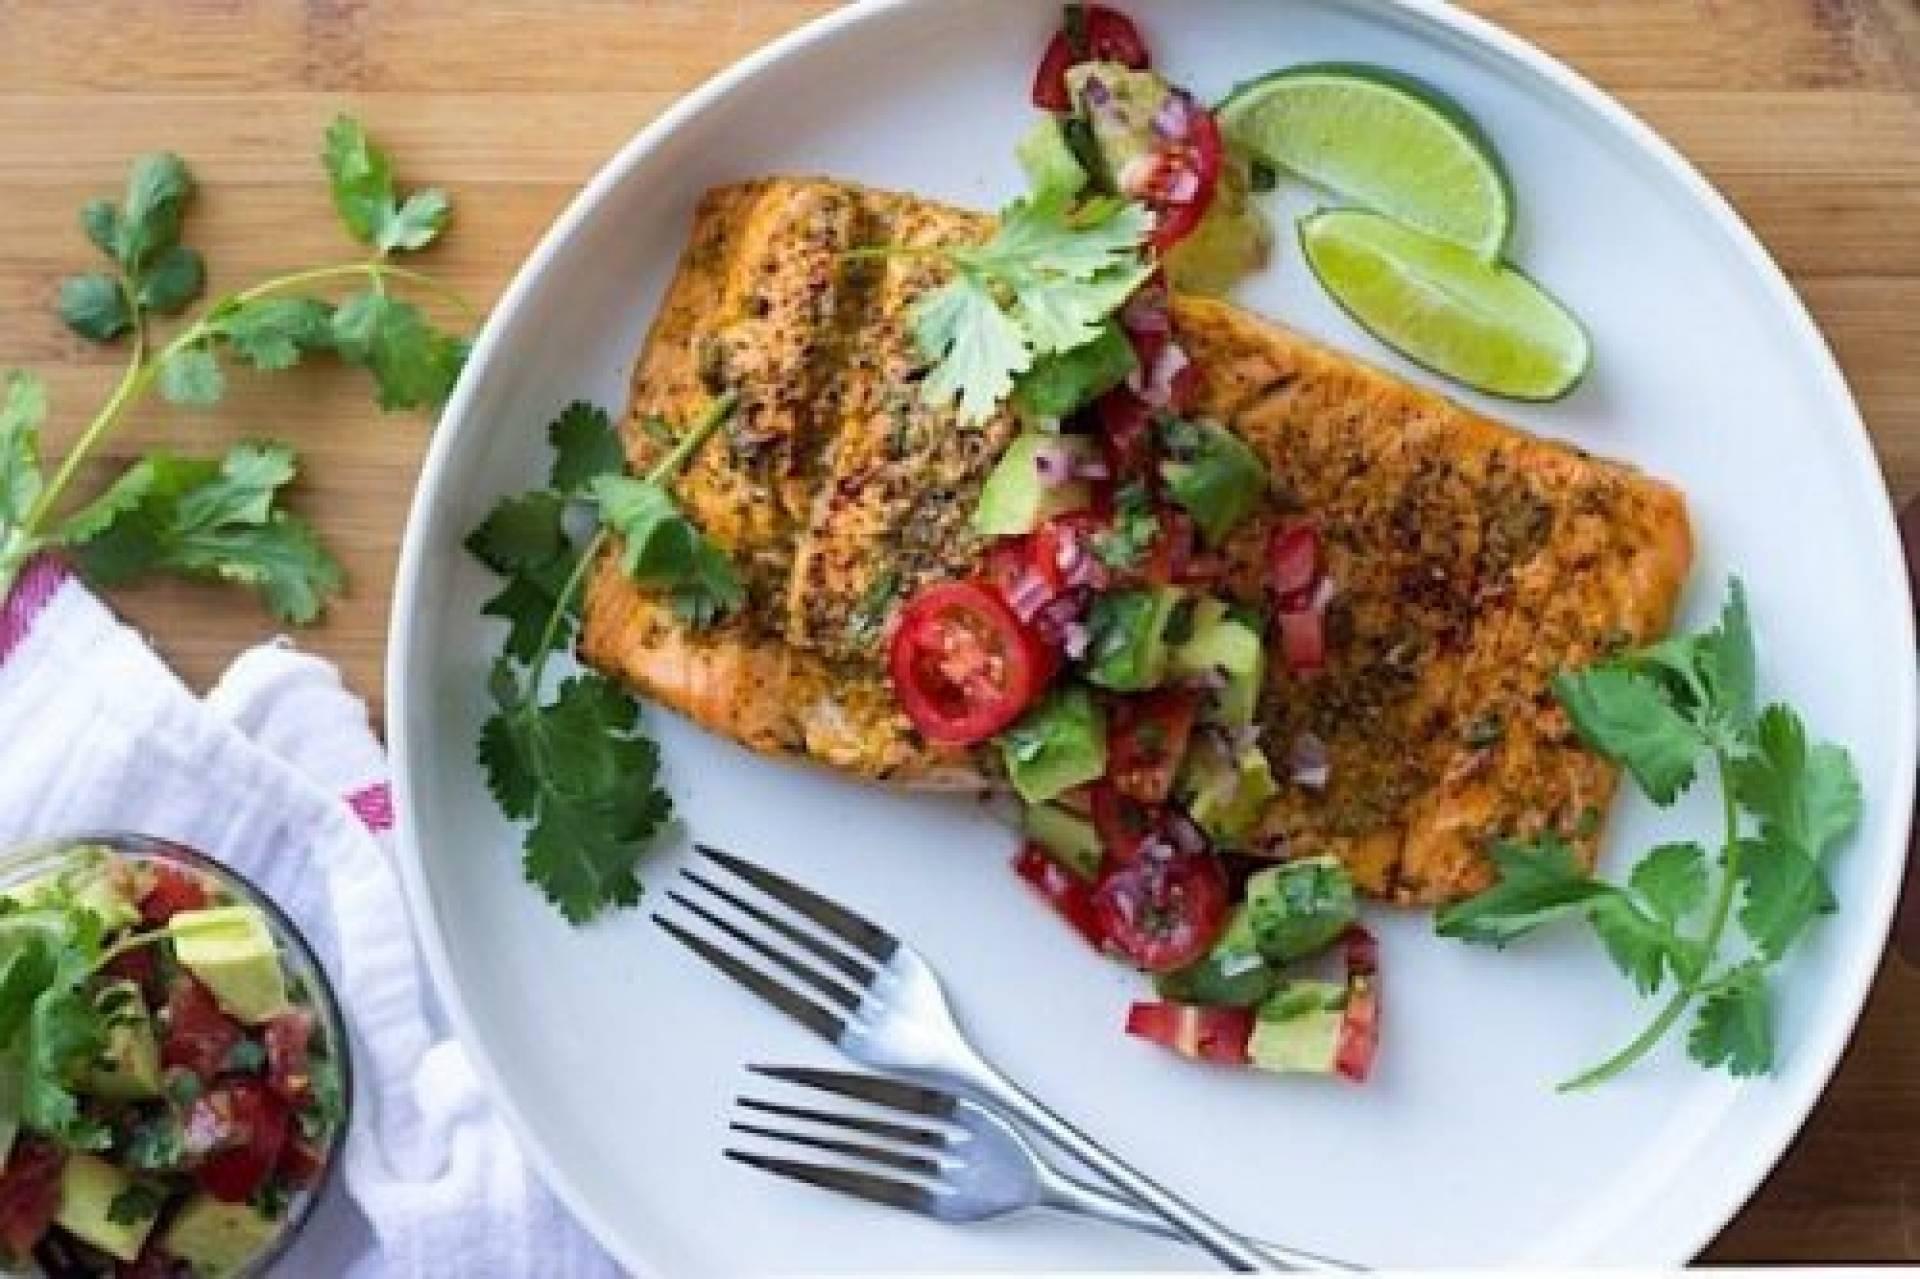 Chili Lime Salmon over Quinoa